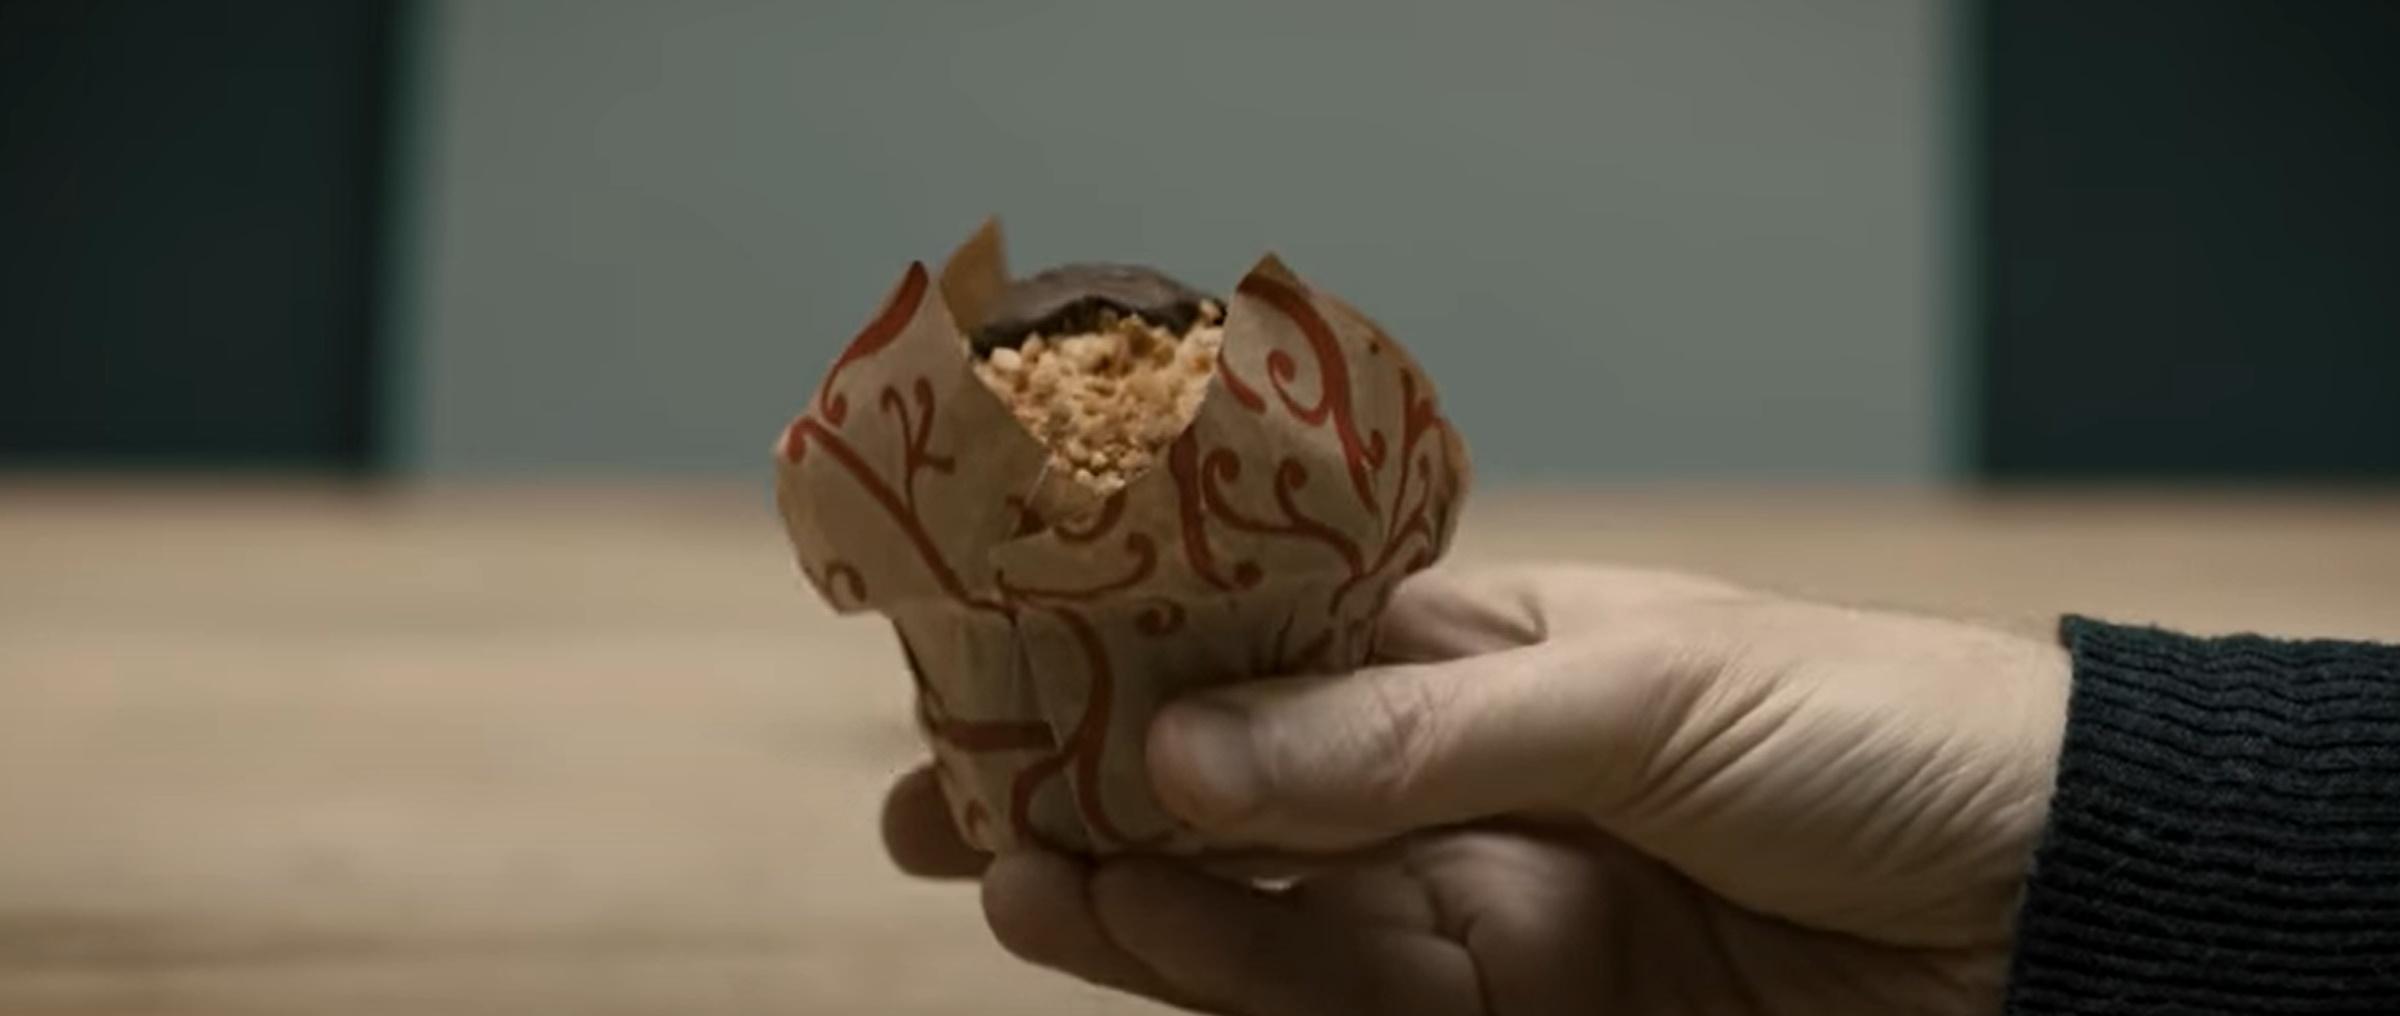 Je suis un muffin fait à partir de produits naturels sans rien de chimique